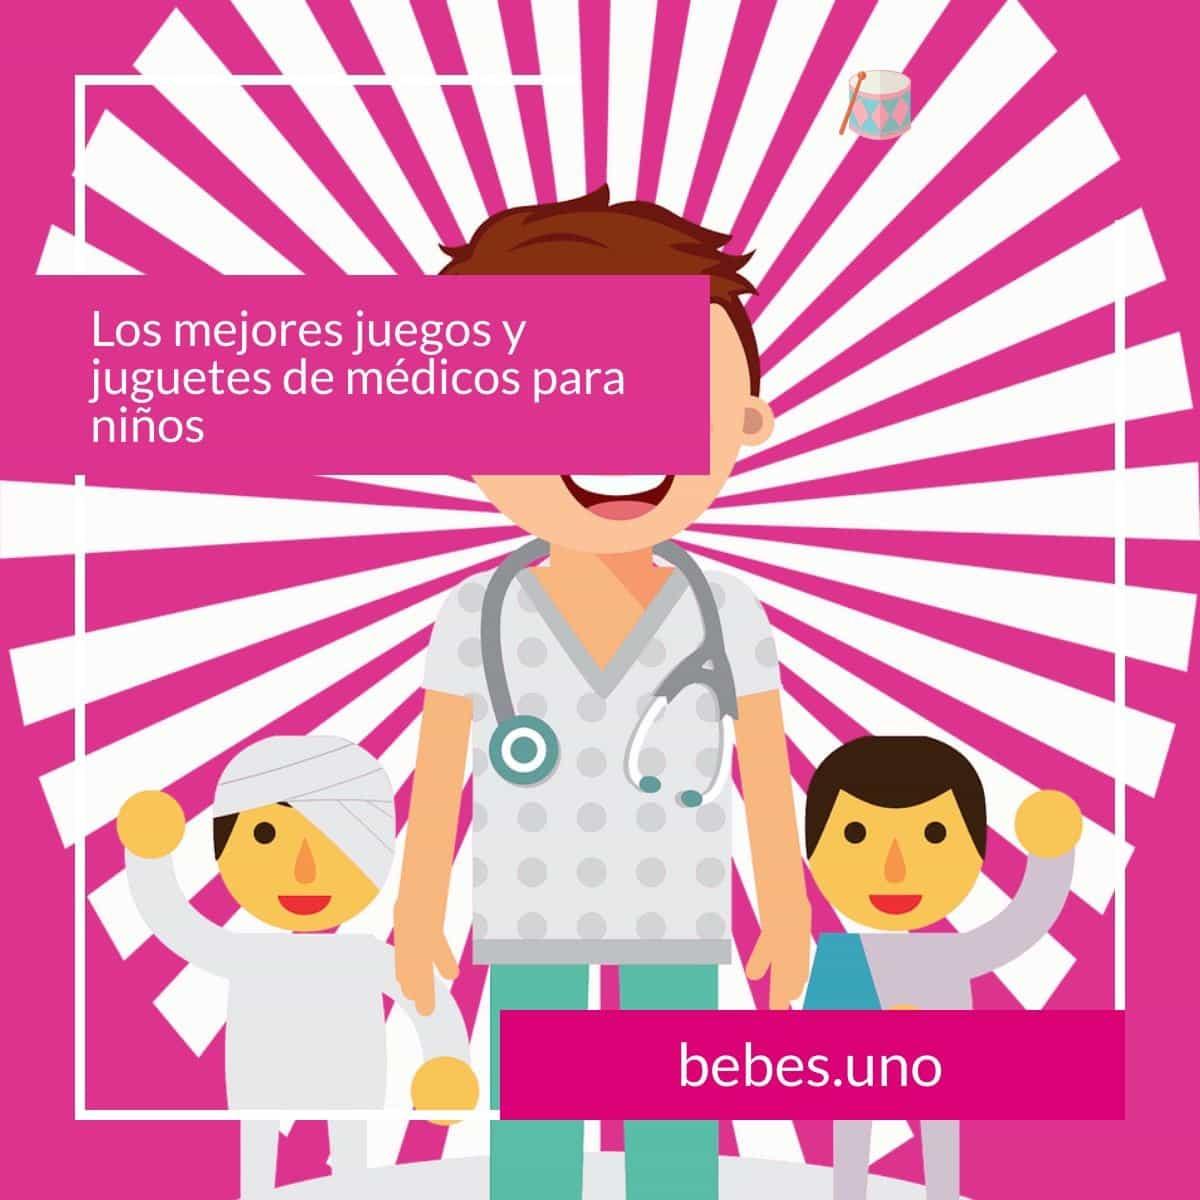 ¿Cuáles son los mejores juegos y juguetes de médicos para niños?